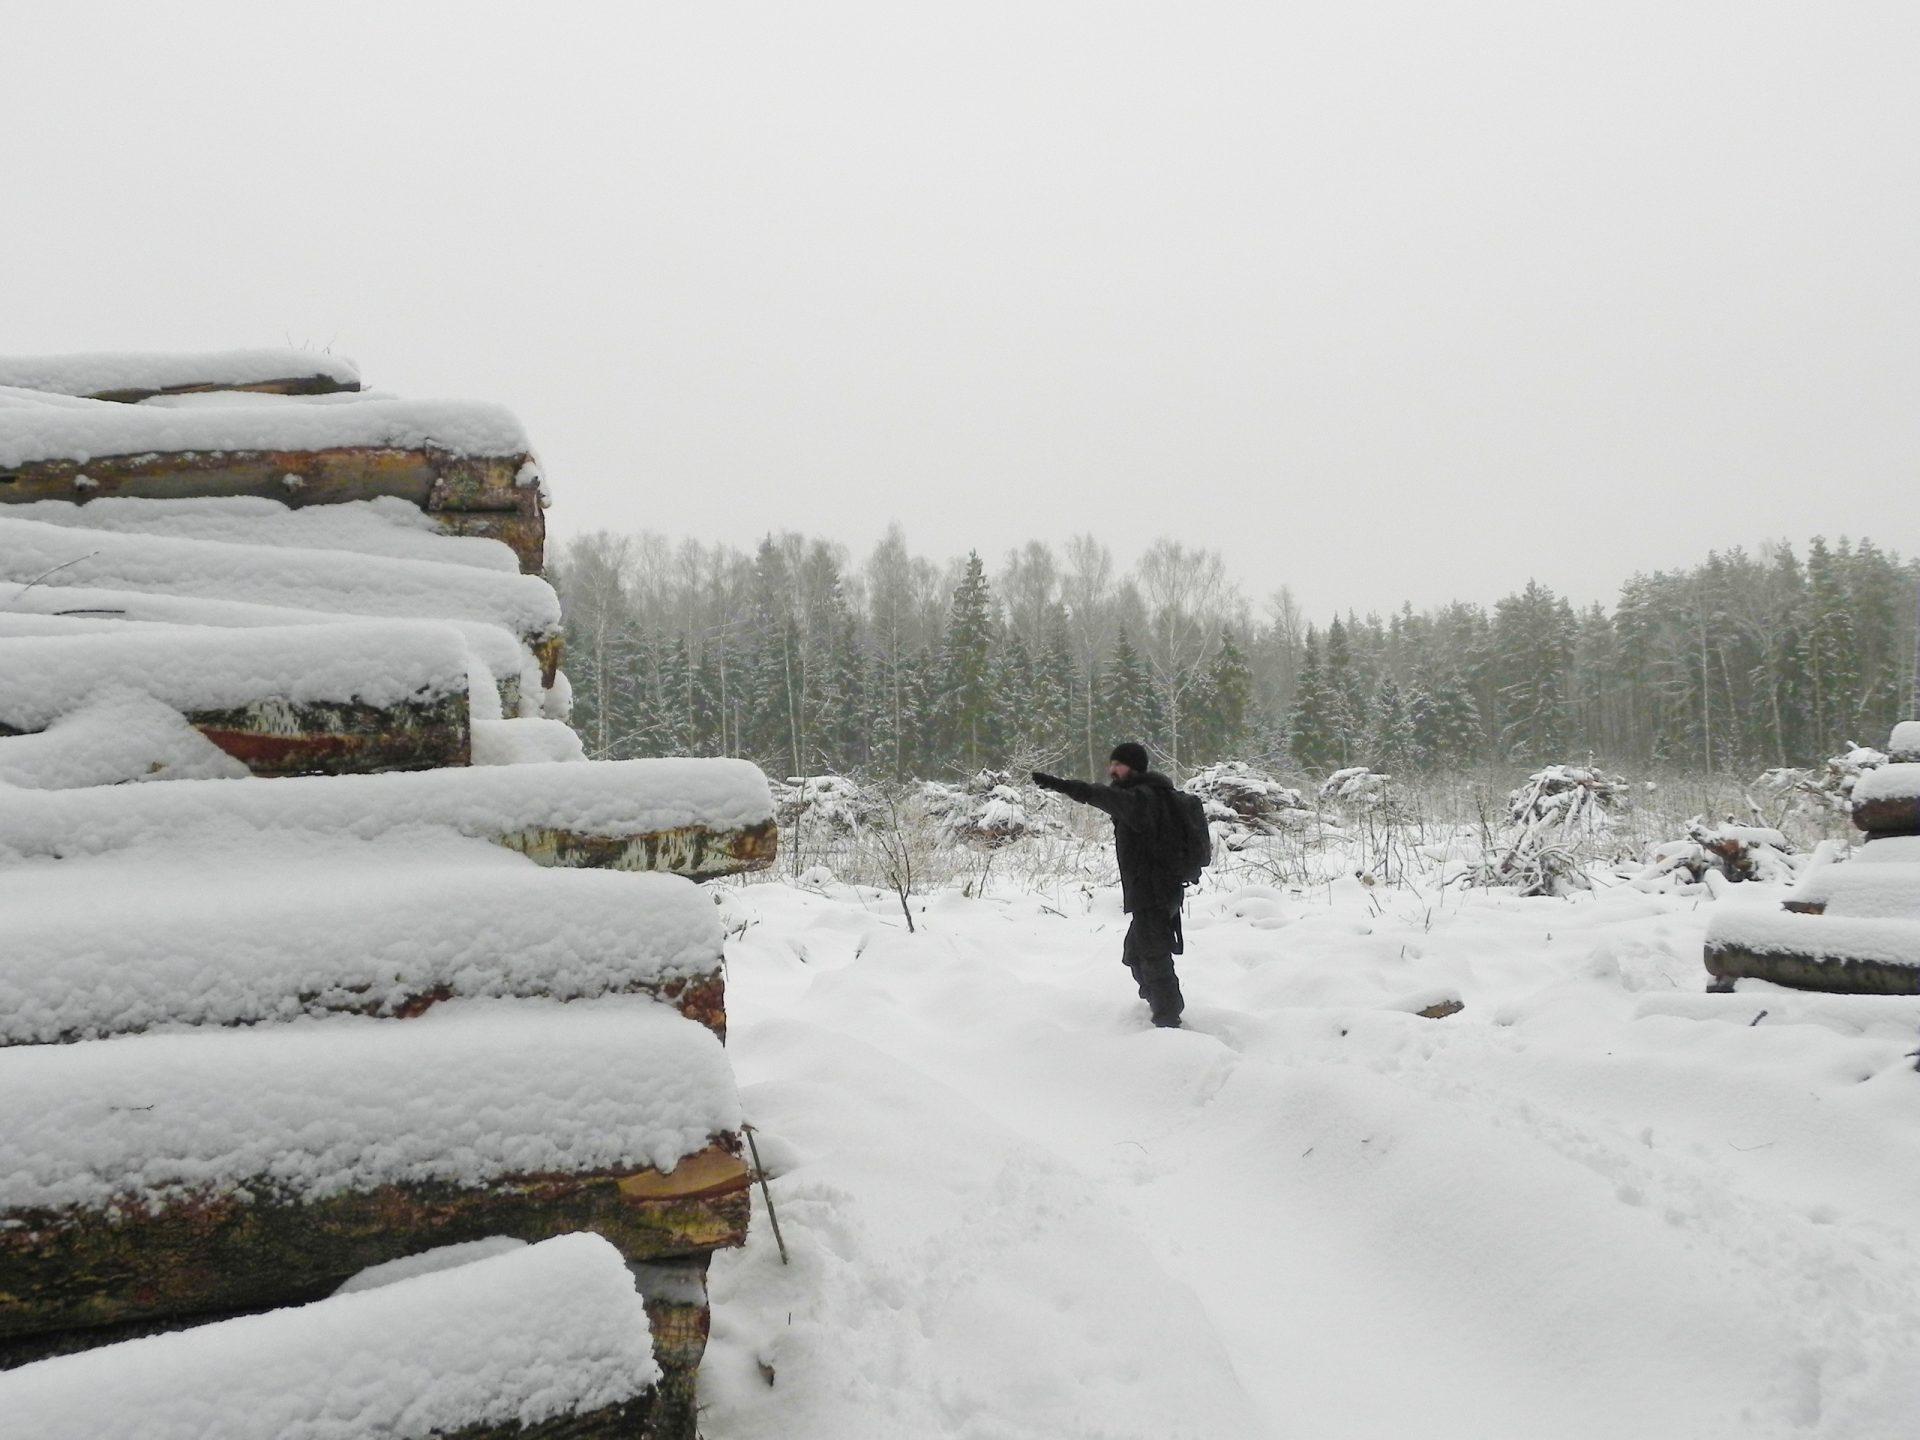 Павел Пашков: проверяем обращения о вырубках! Нам нужен следующий шаг!